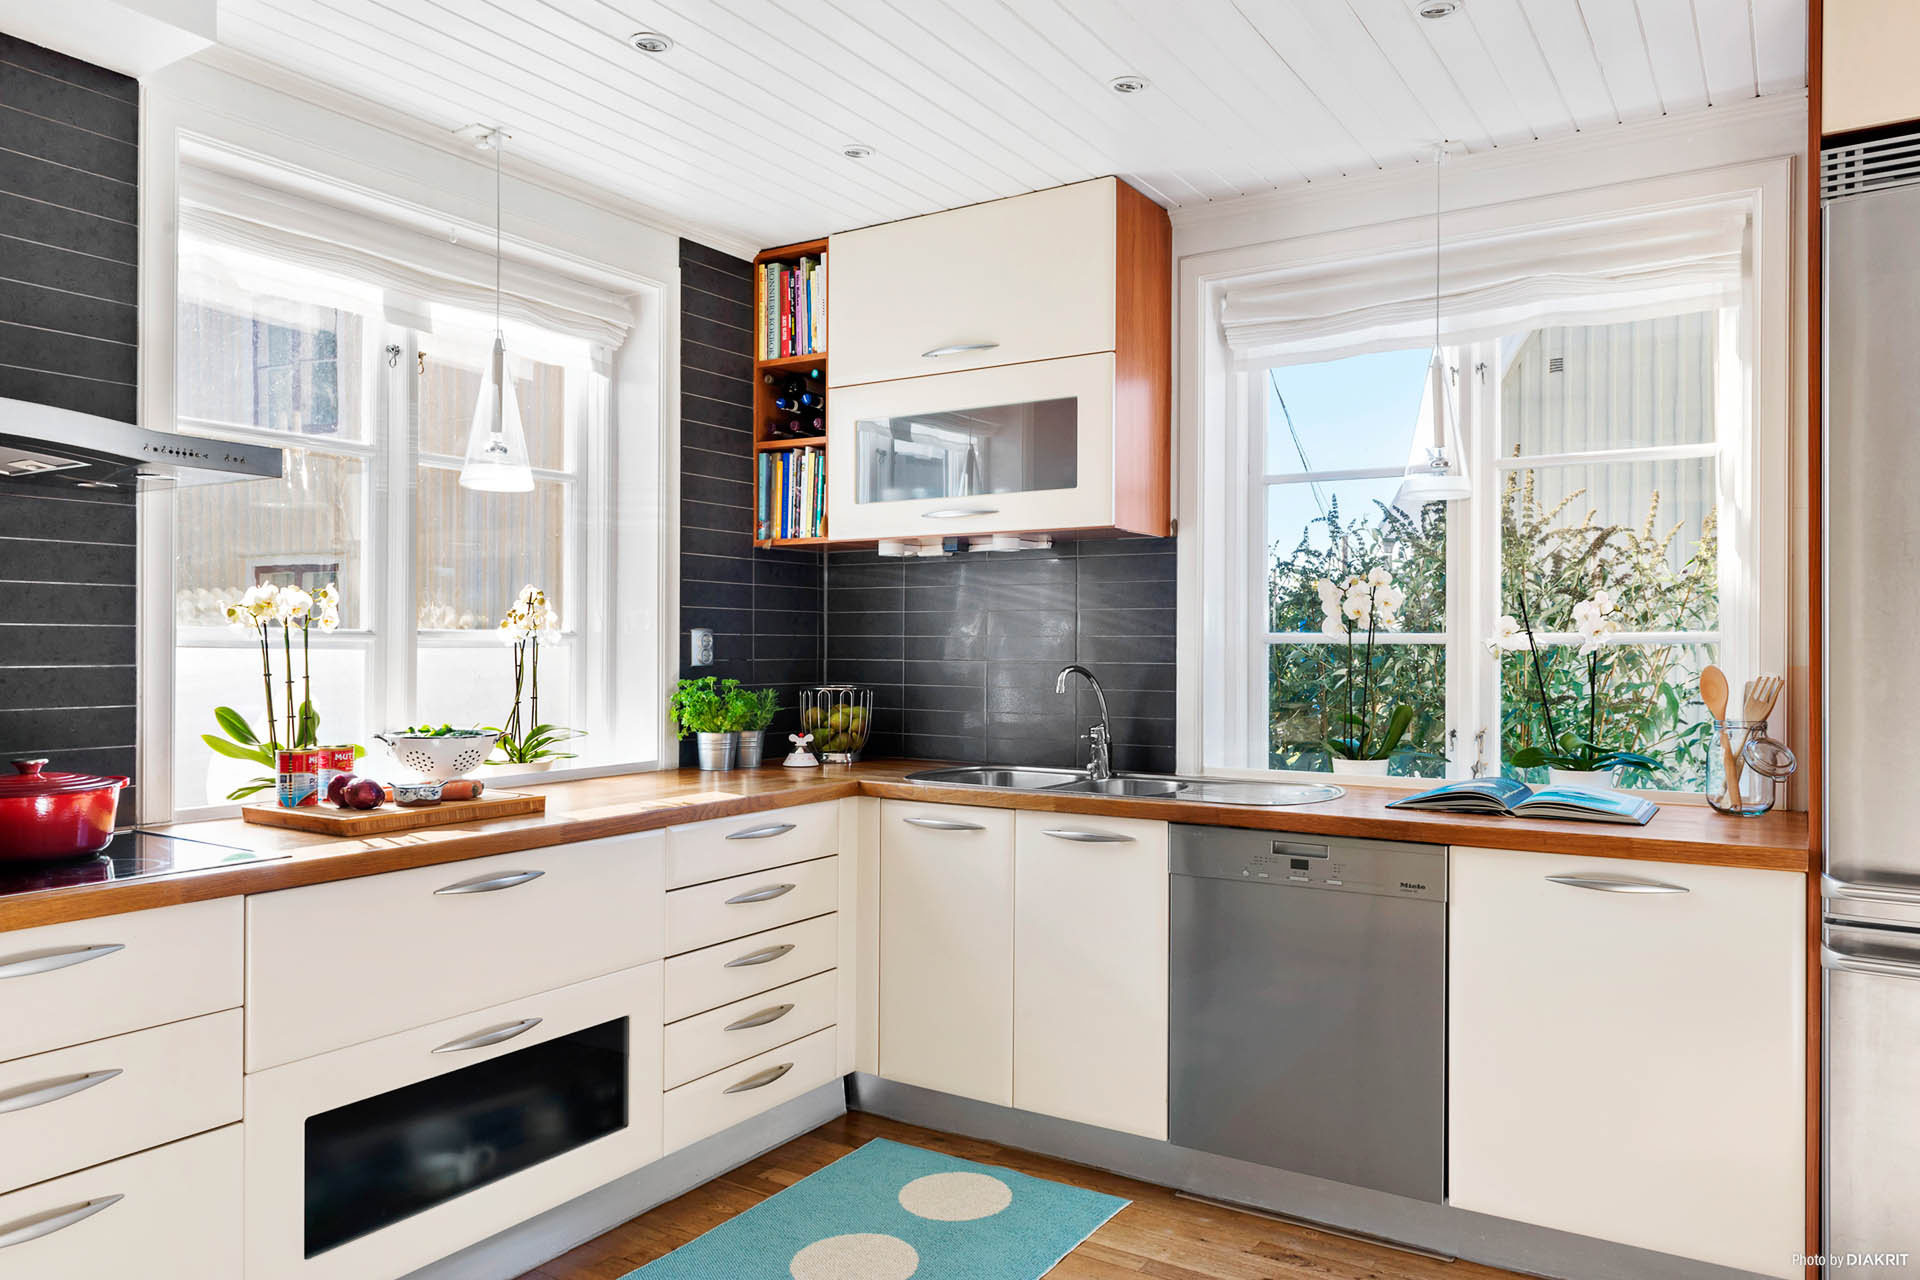 KÖK - Modernt kök med ljusa skåpluckor och stilfullt kakel och spotbelysning